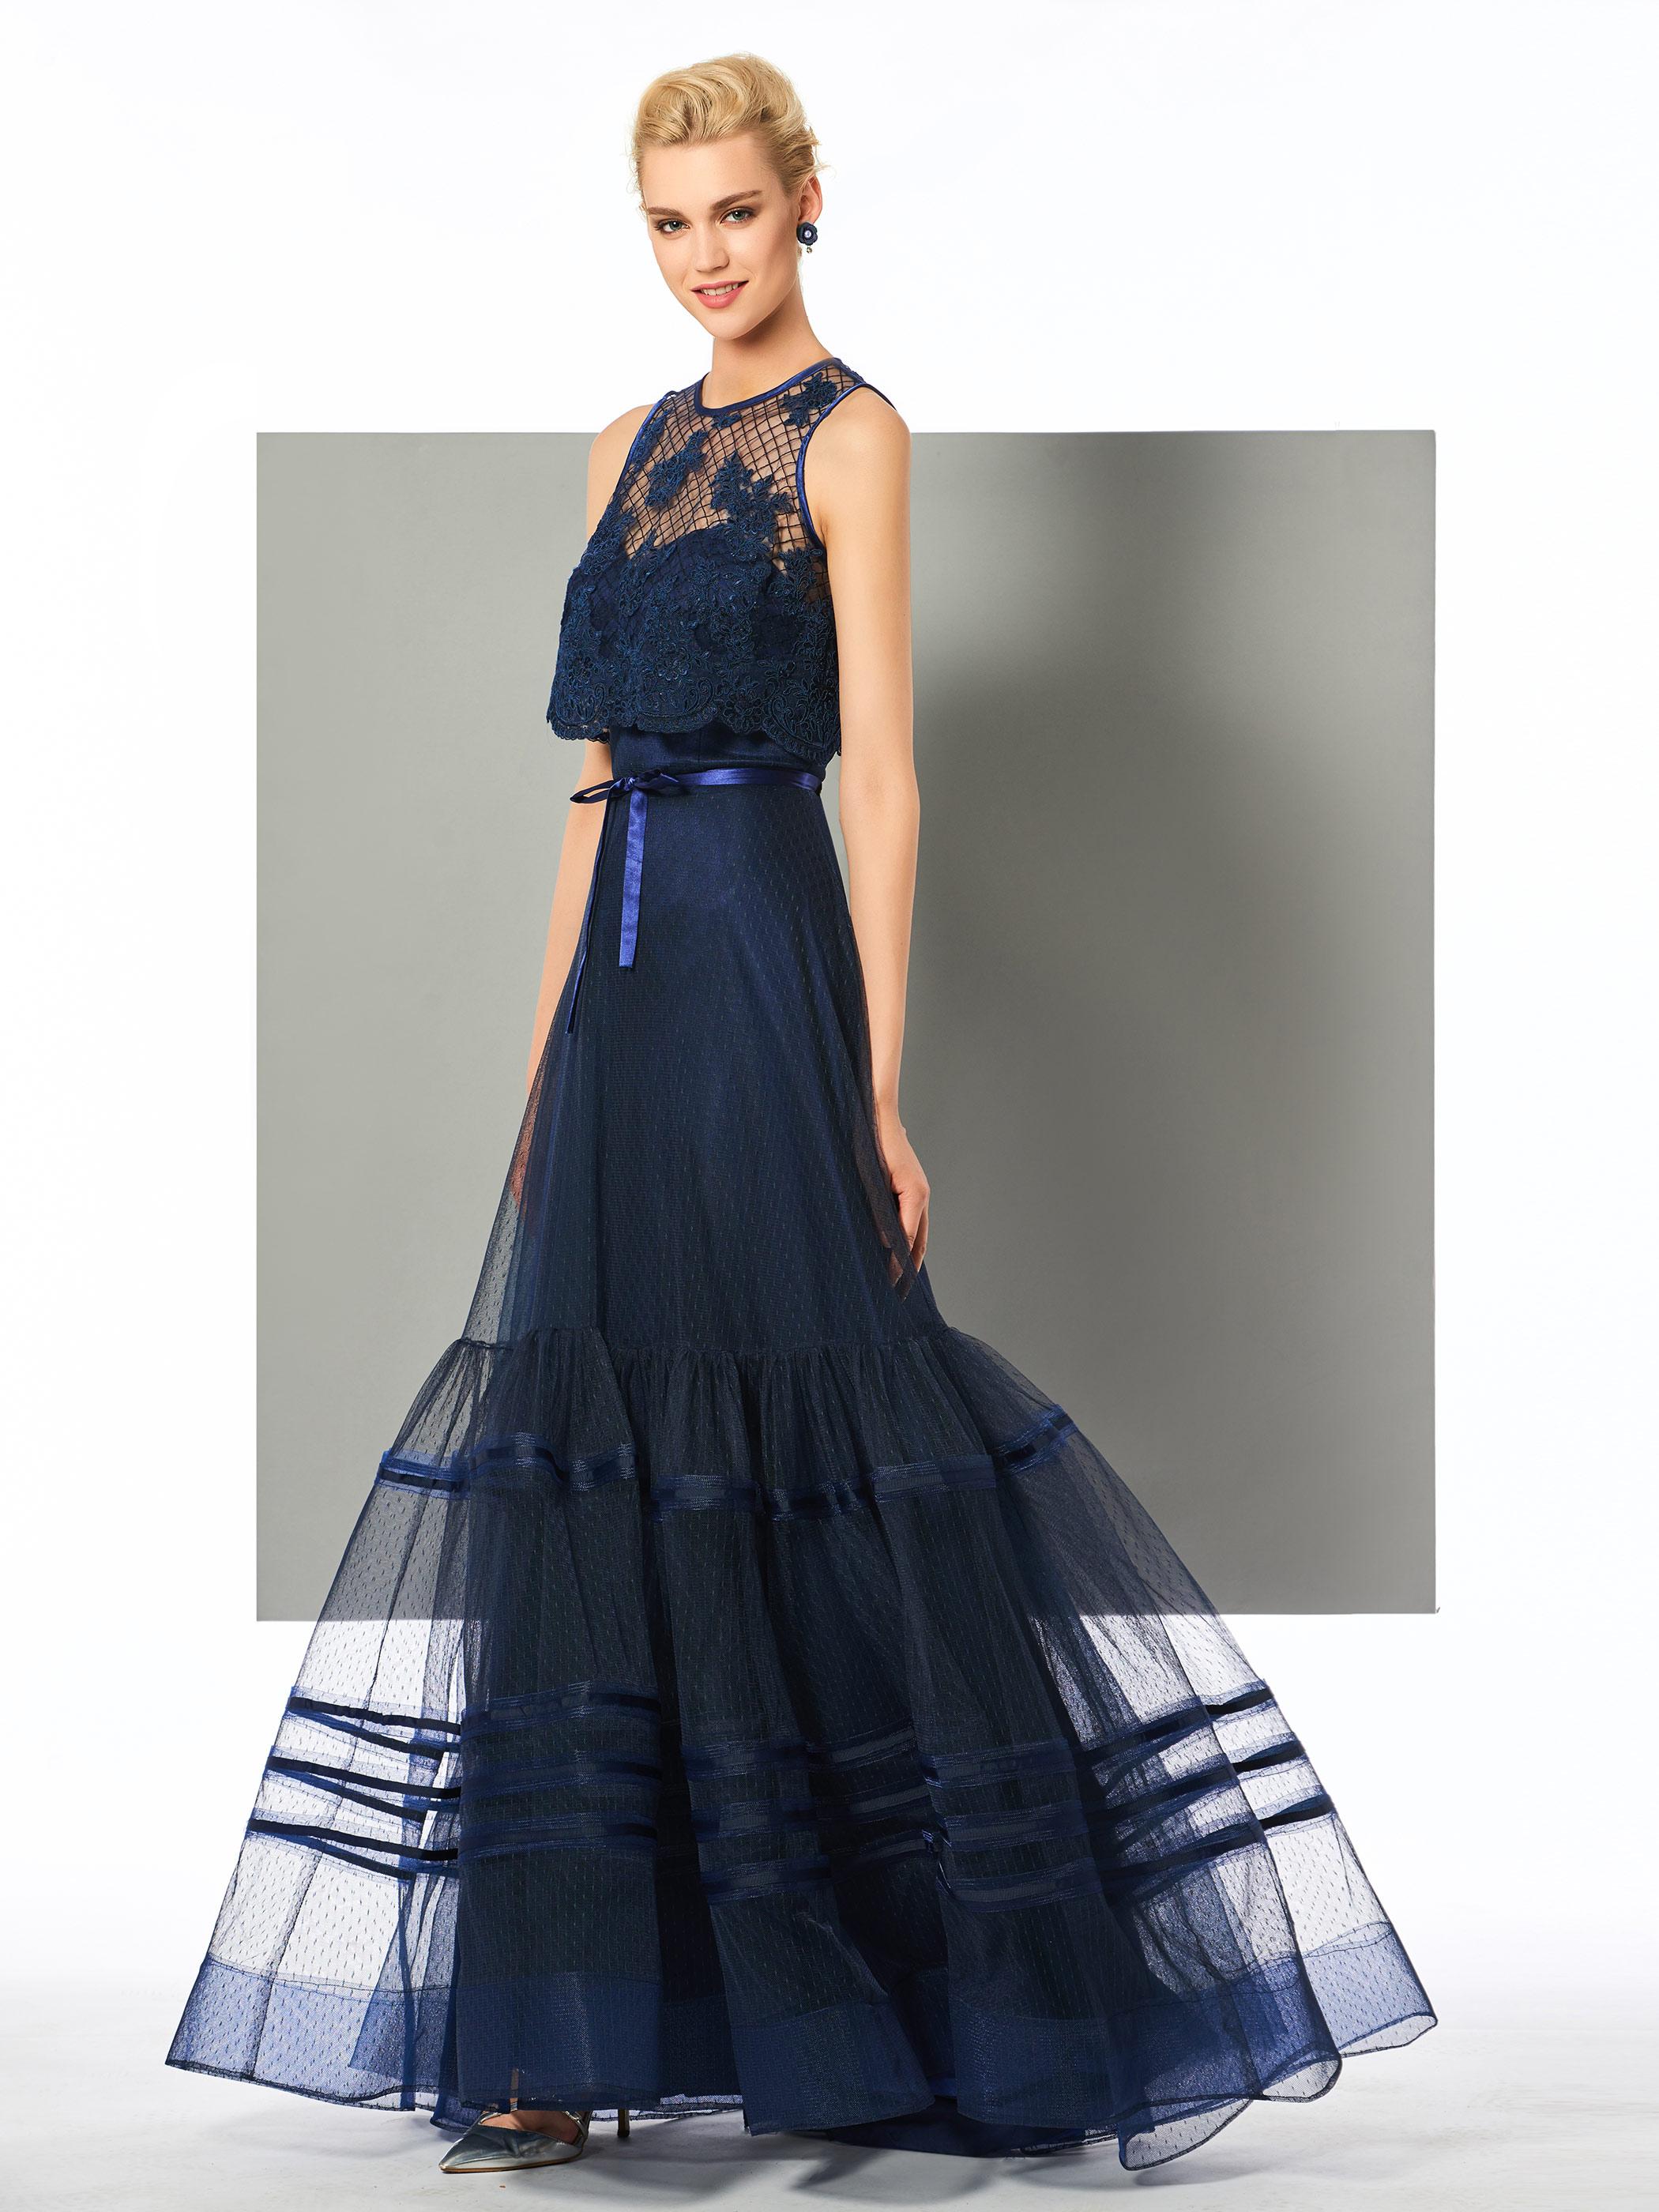 dressv navy blau lange abendkleid scoop neck eine linie ärmel bowknot  hochzeit party formale kleid appliques abendkleider